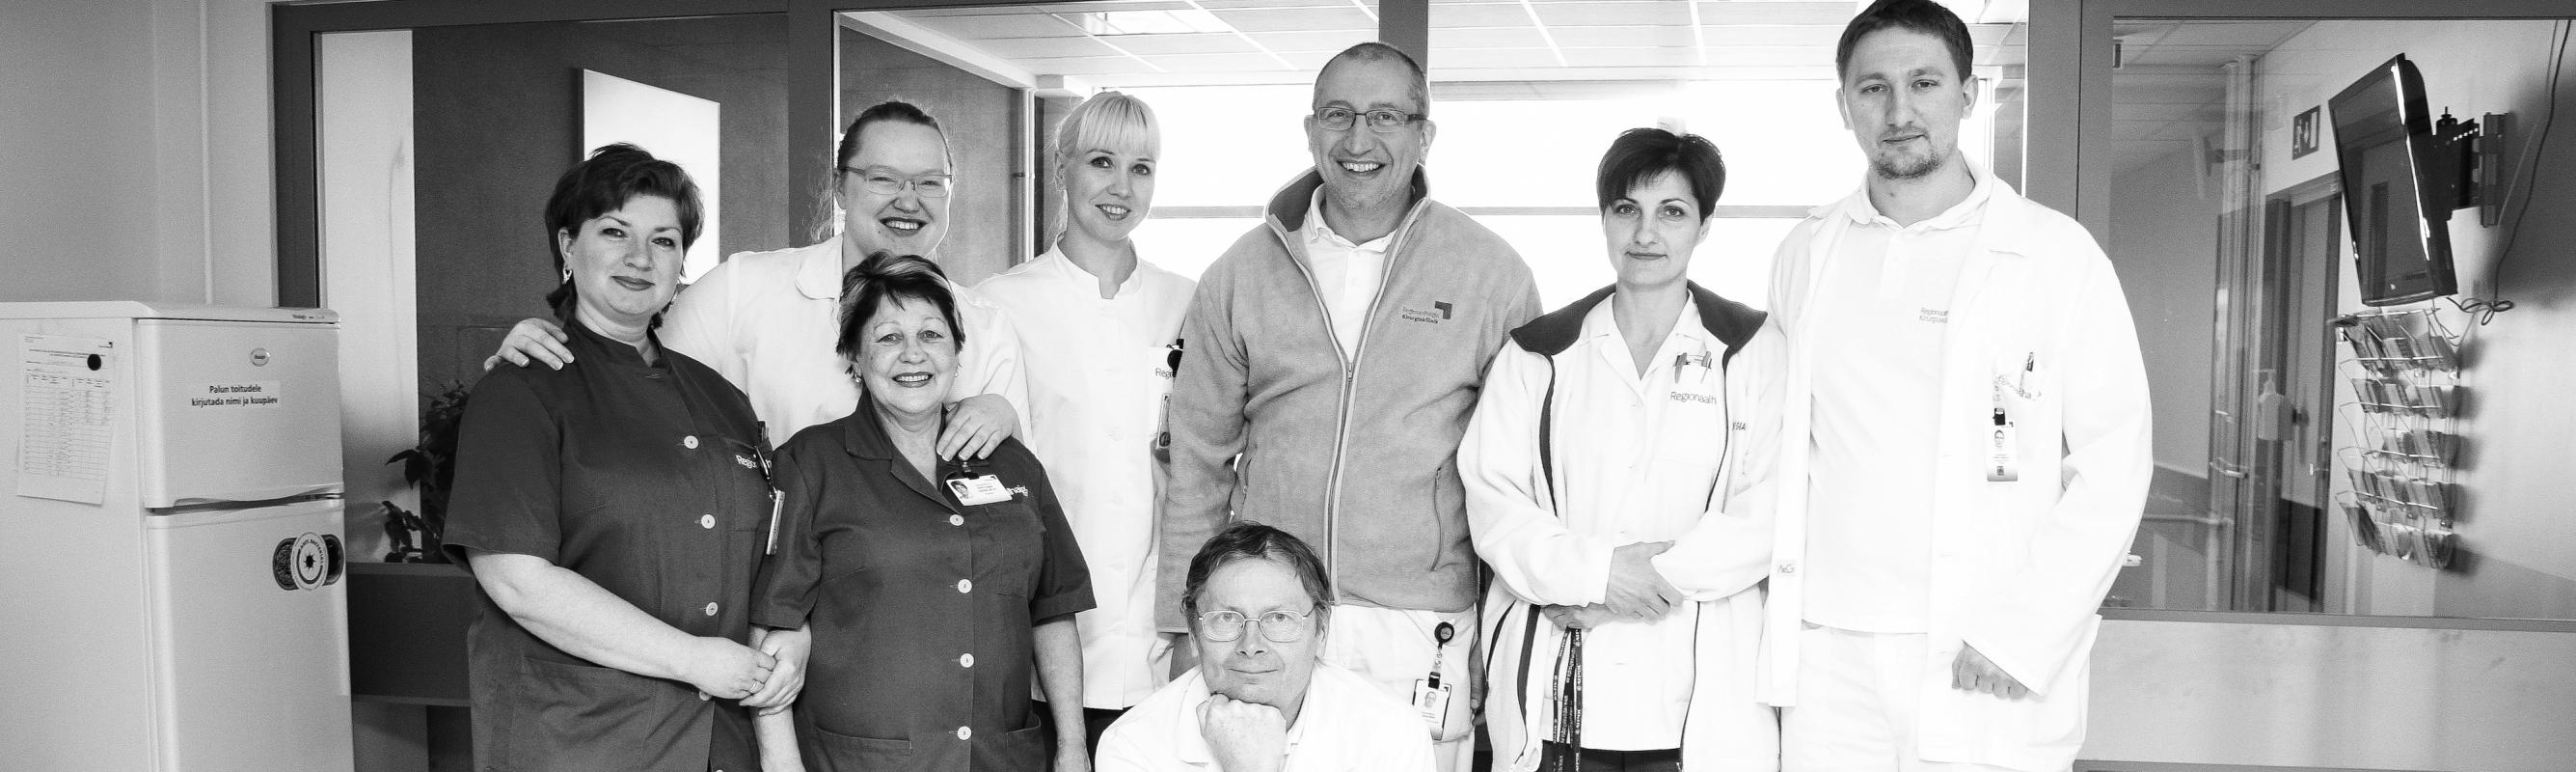 III ortopeedia osakonna rõõmus kollektiiv